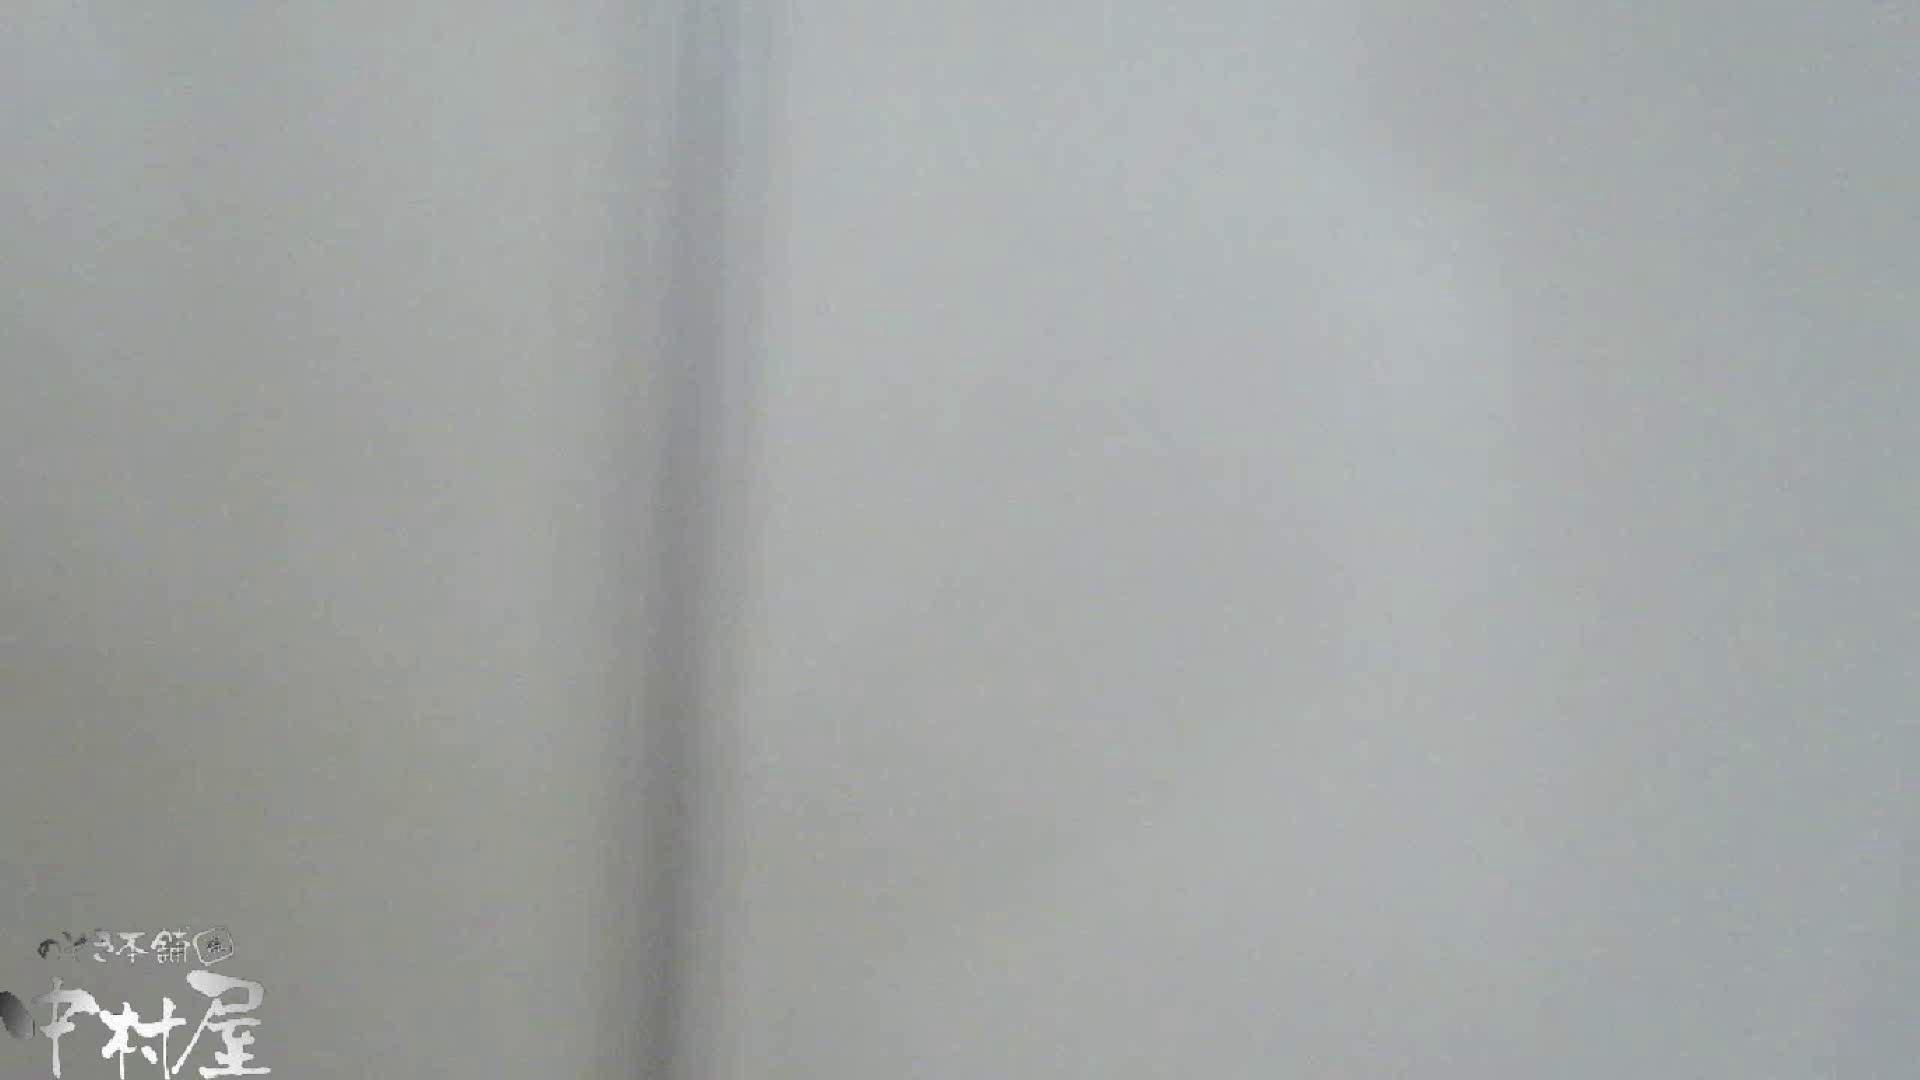 魂のかわや盗撮62連発! ドデカイ空爆! 14発目! 黄金水   盗撮師作品  84pic 29